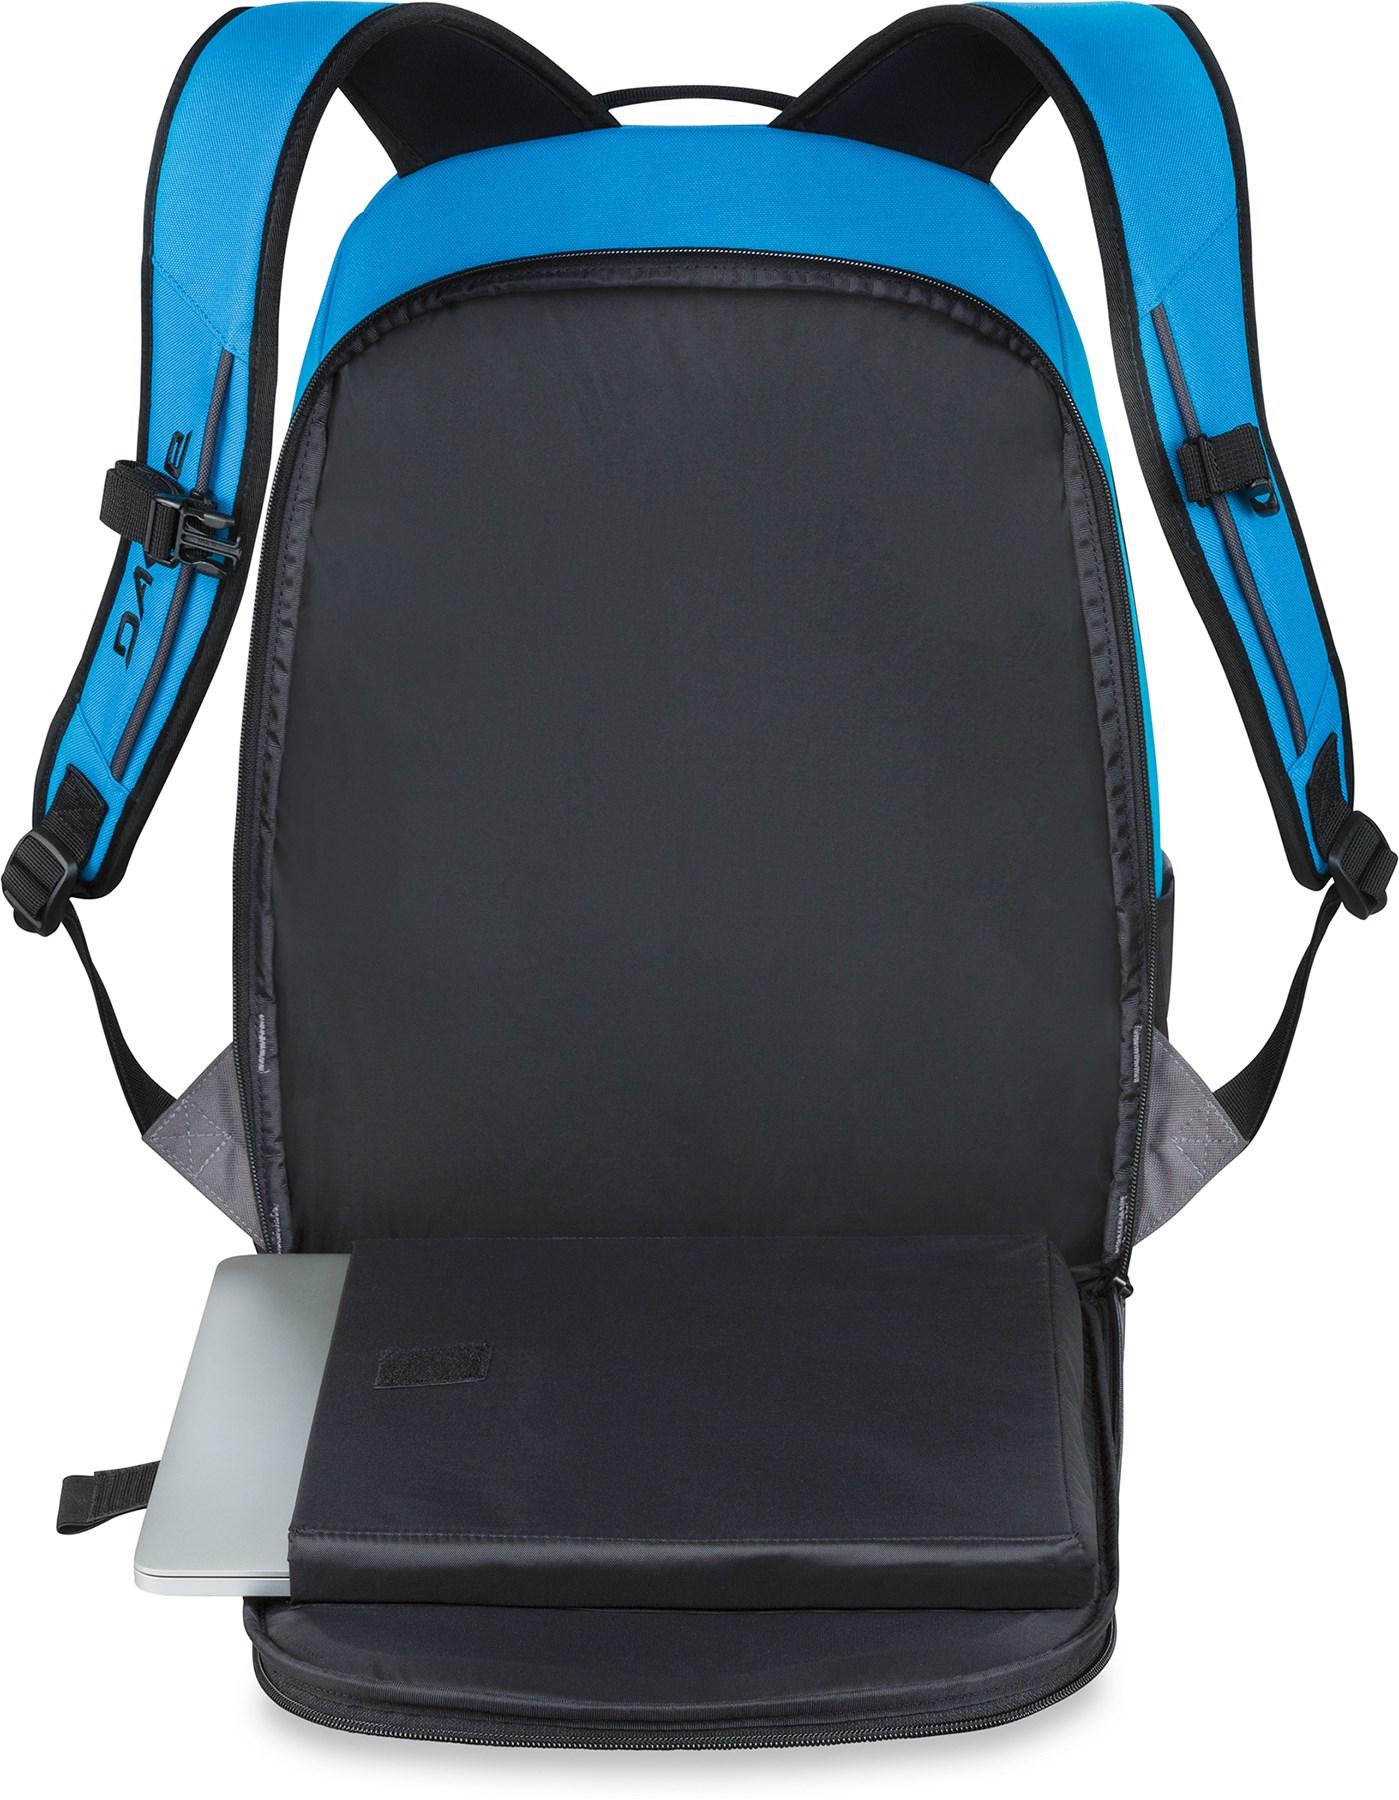 c4612e5ec00 DaKine Foundation 26L Backpack - Save 30%